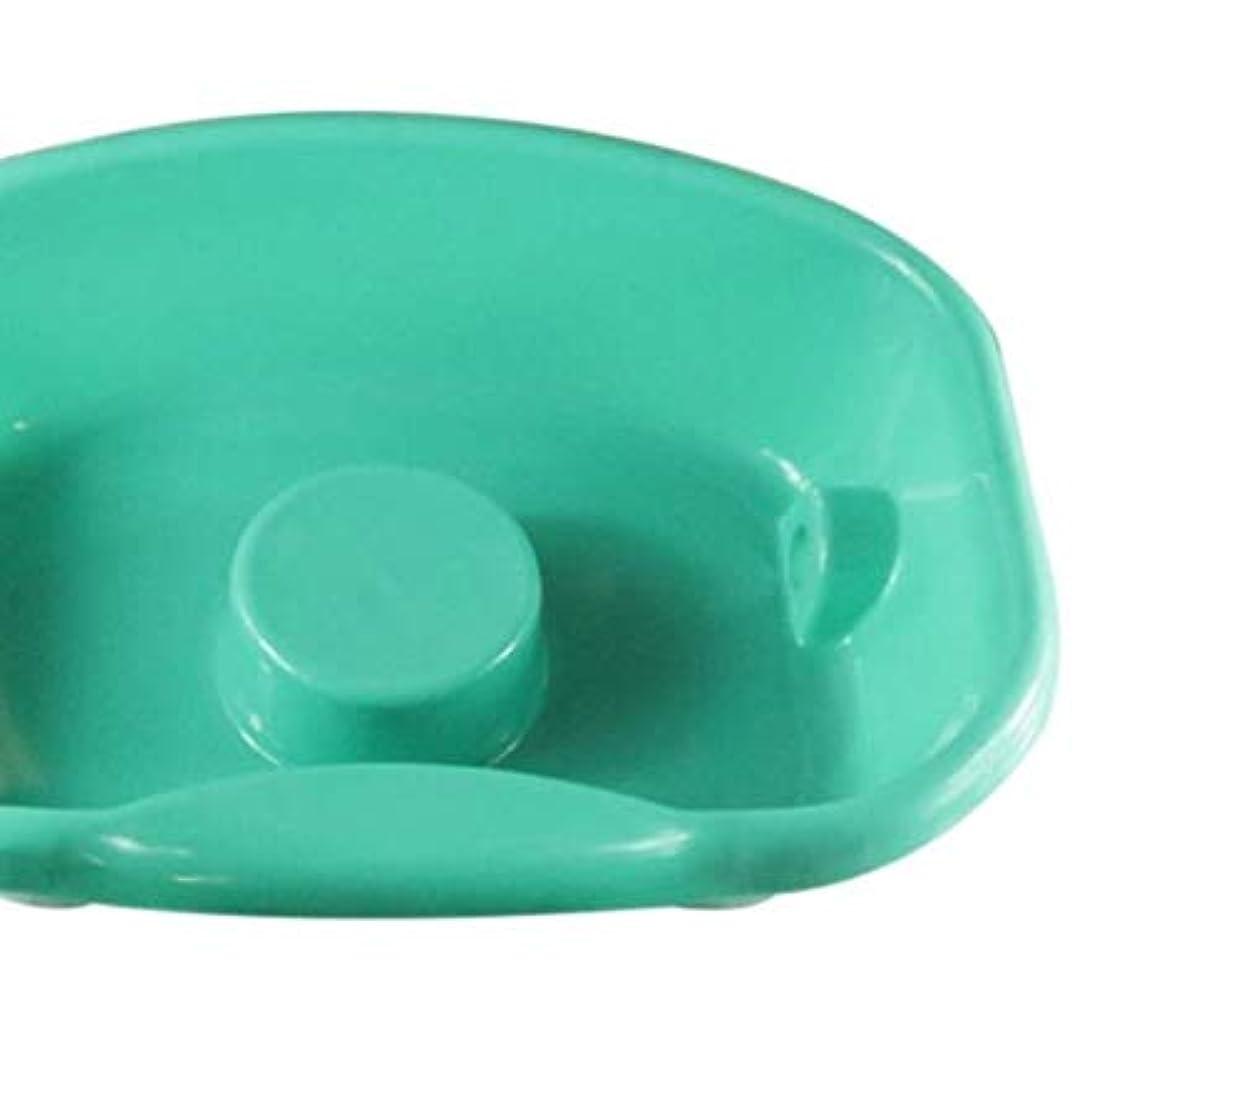 守る電話の前で医療患者ケアシャンプー洗面器-ポータブル医療イージーベッドシャンプープラスチック洗面器ヘアウォッシングトレイ